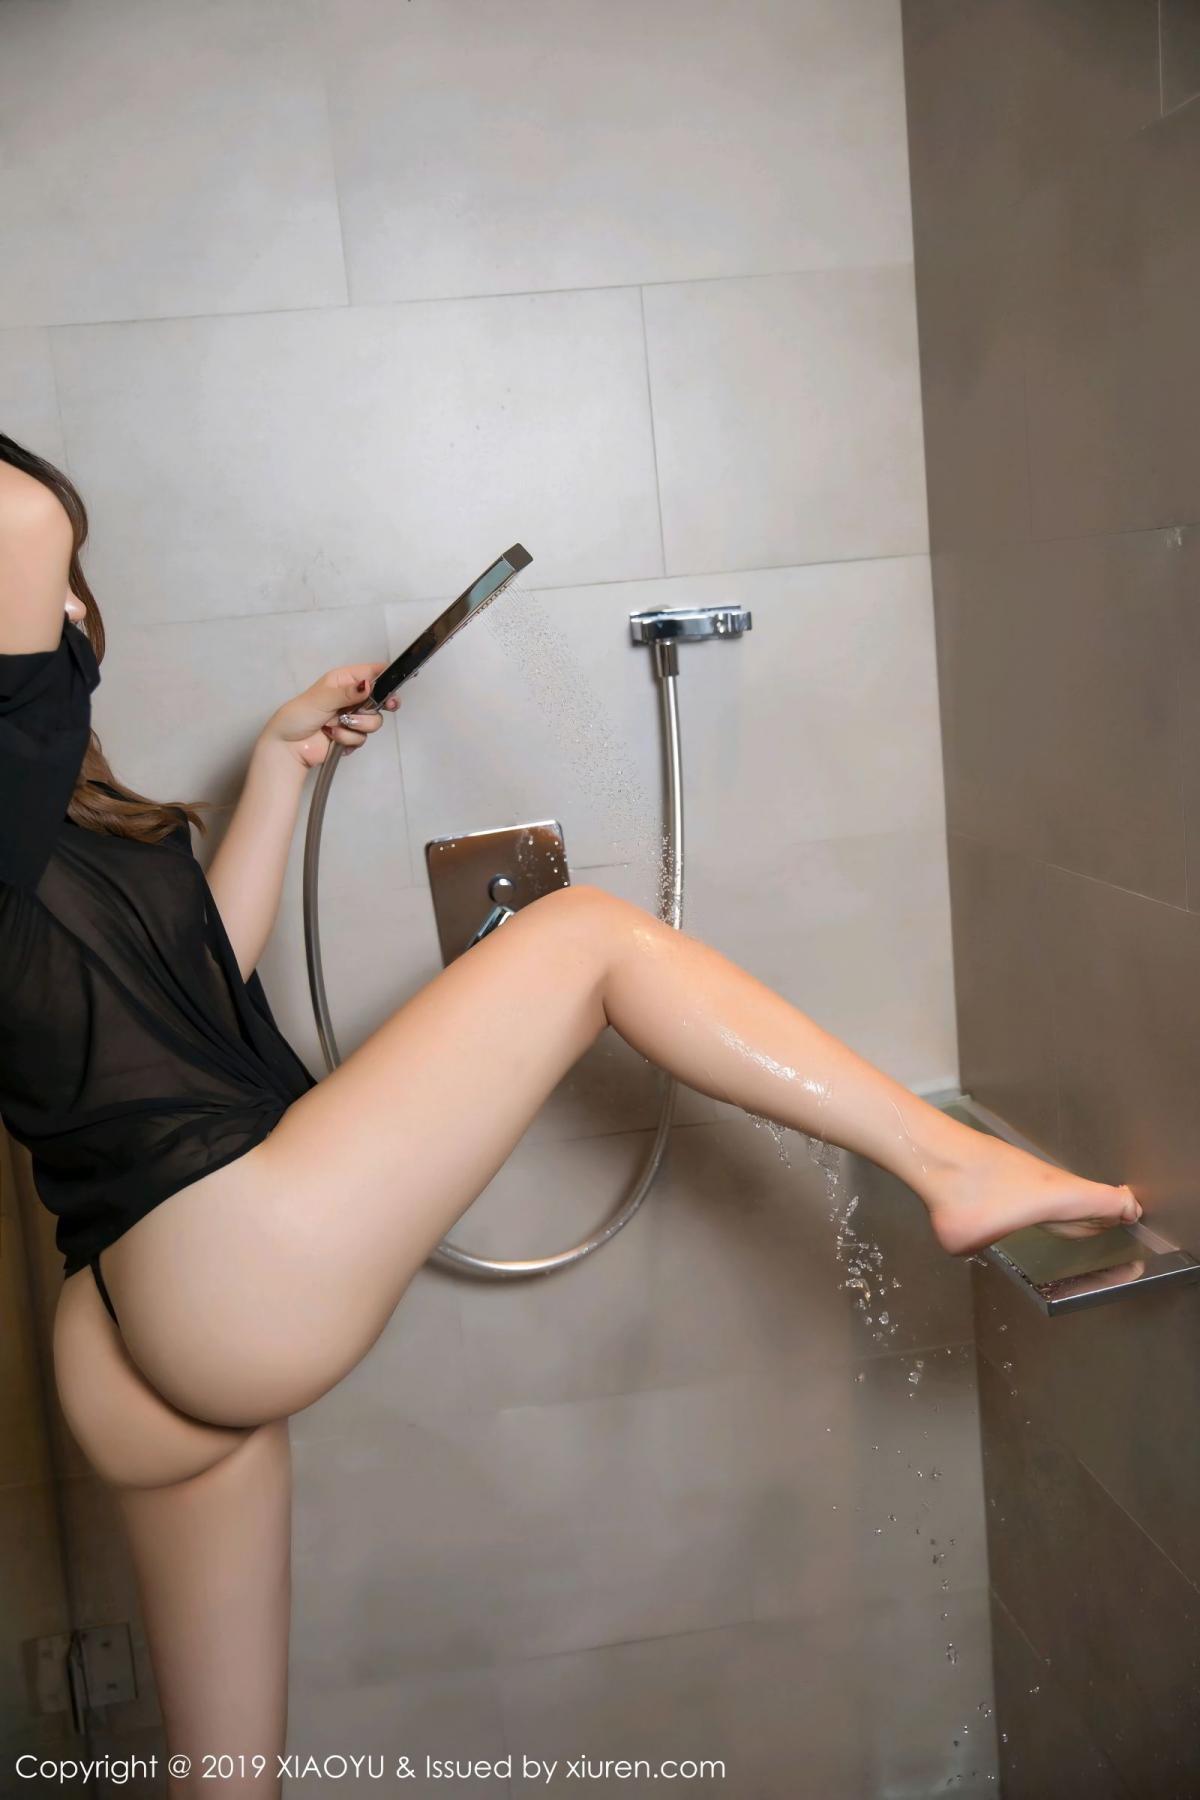 [XiaoYu] Vol.105 Chen Zhi 20P, Bathroom, Big Booty, Chen Zhi, Wet, XiaoYu